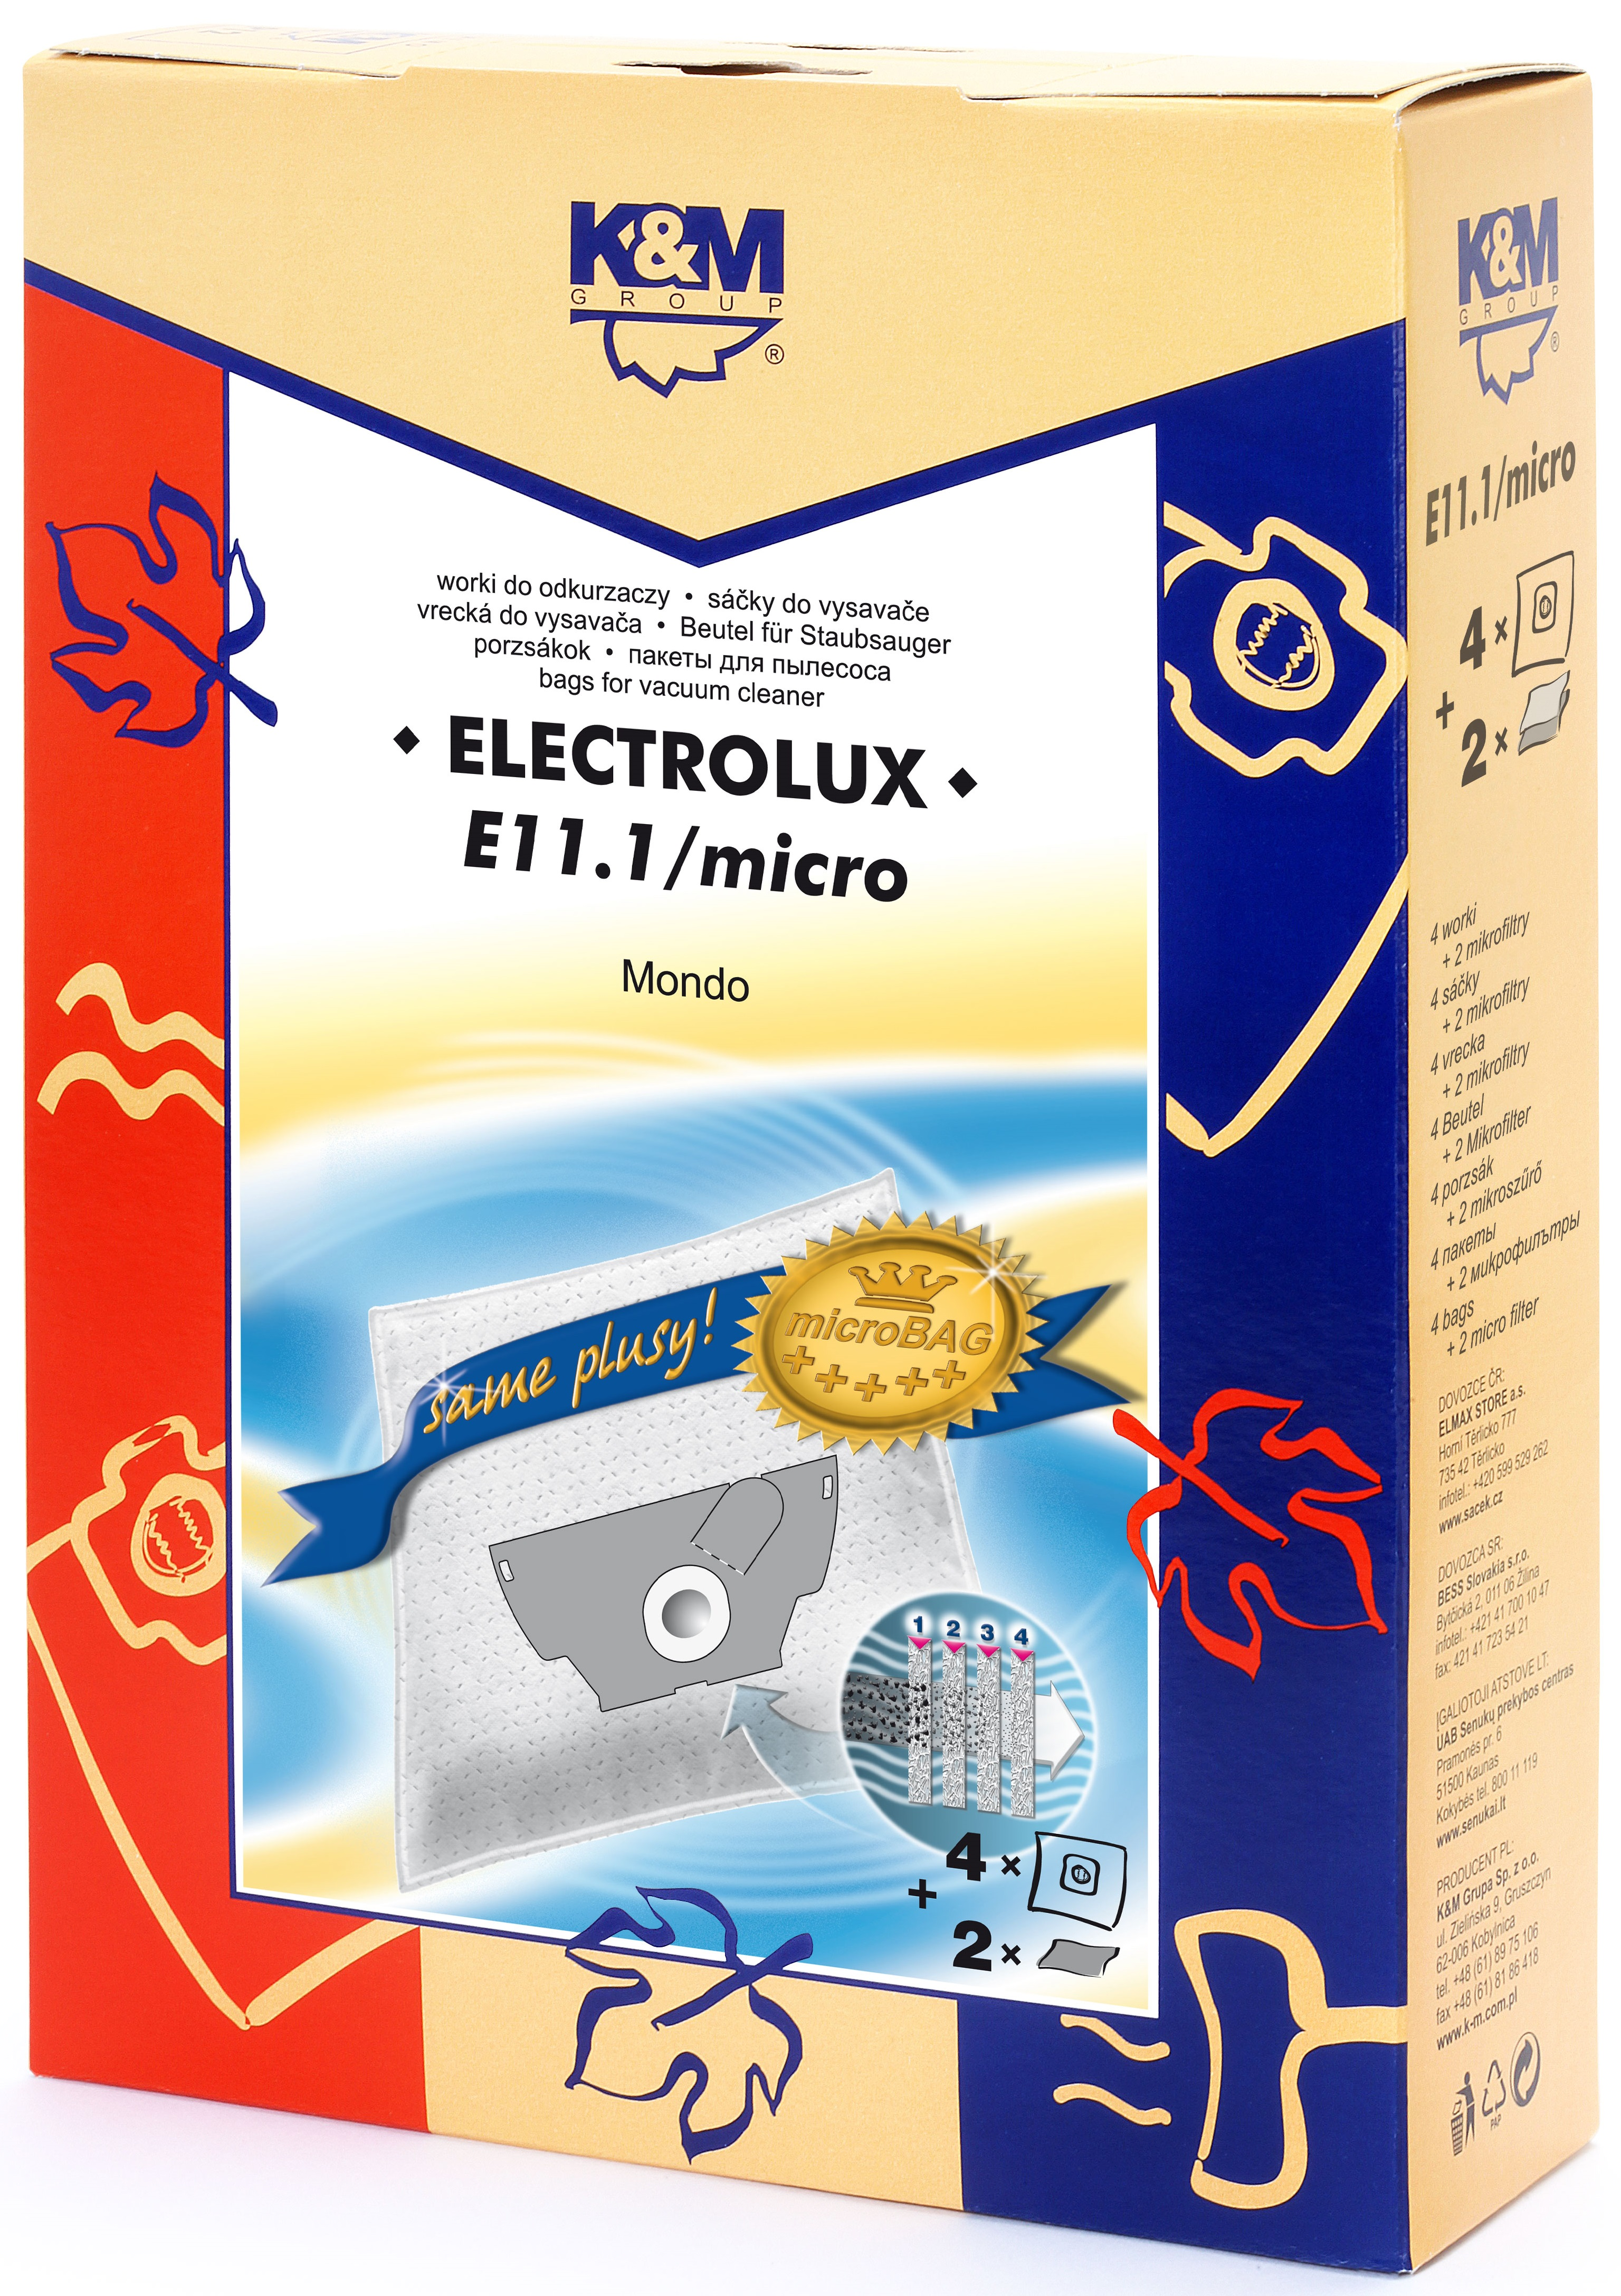 Sac aspirator Electrolux Mondo, sintetic, 4X saci + 2 filtre, K&M 0